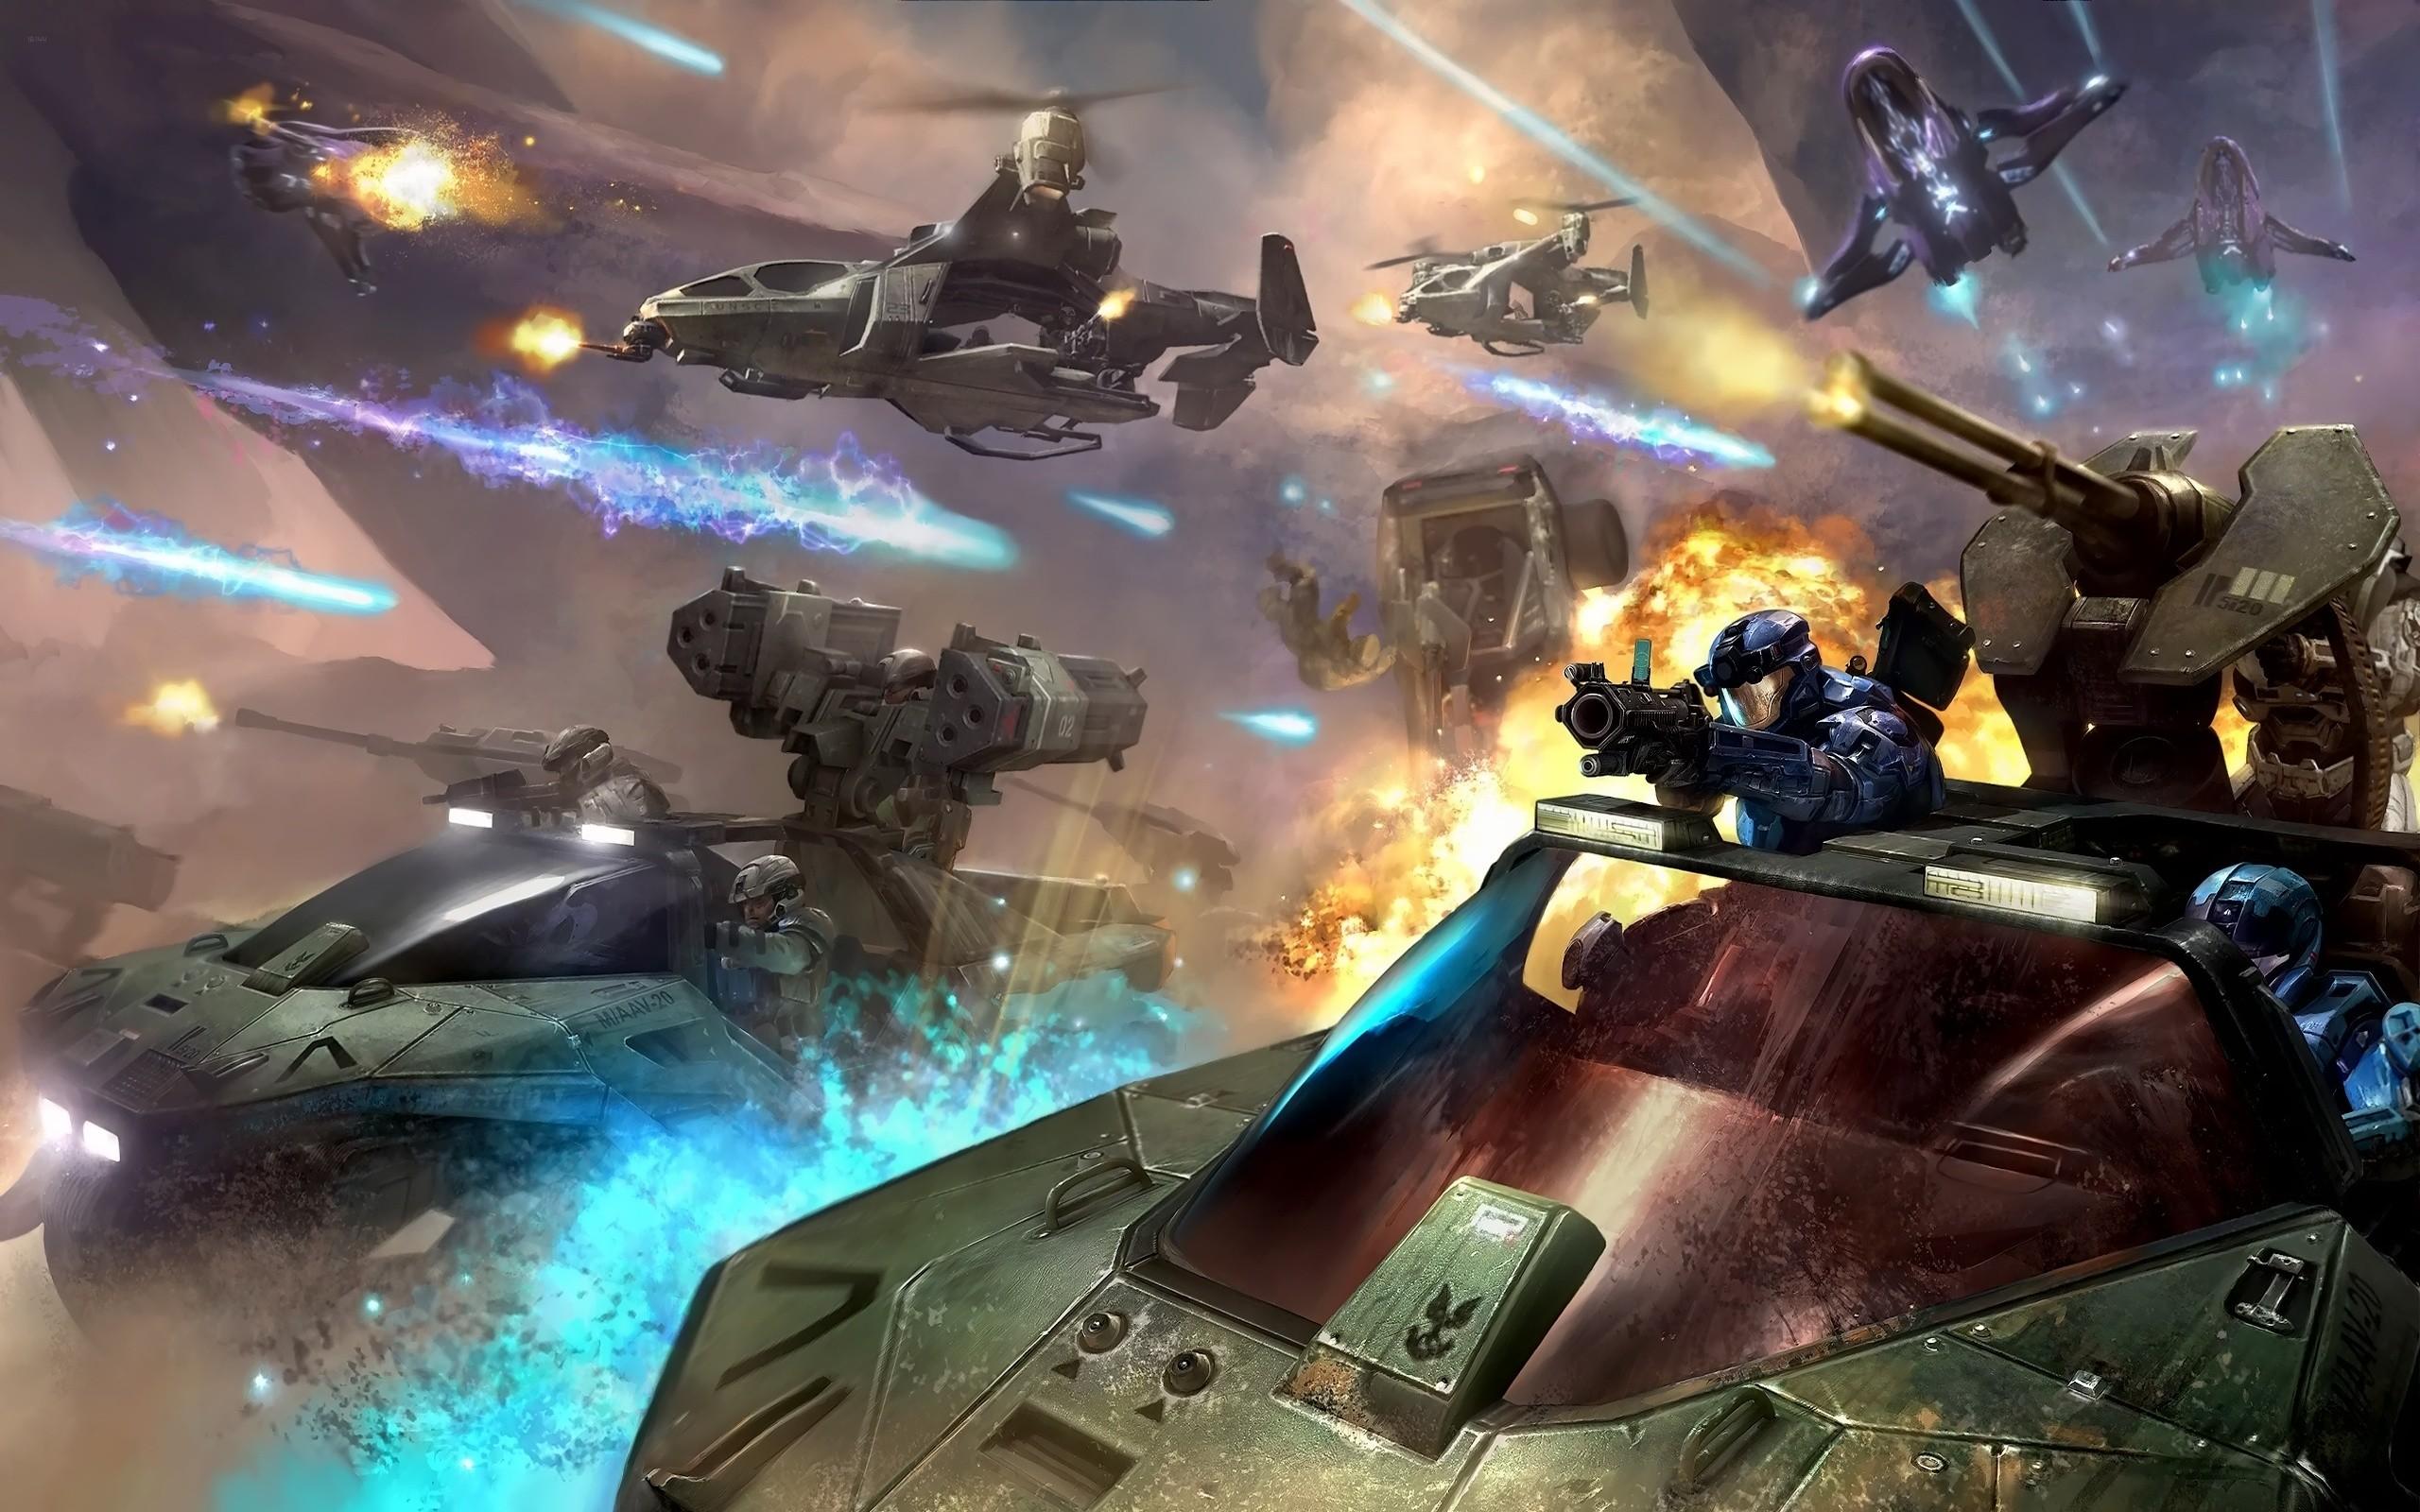 Res: 2560x1600, Halo Battle Art